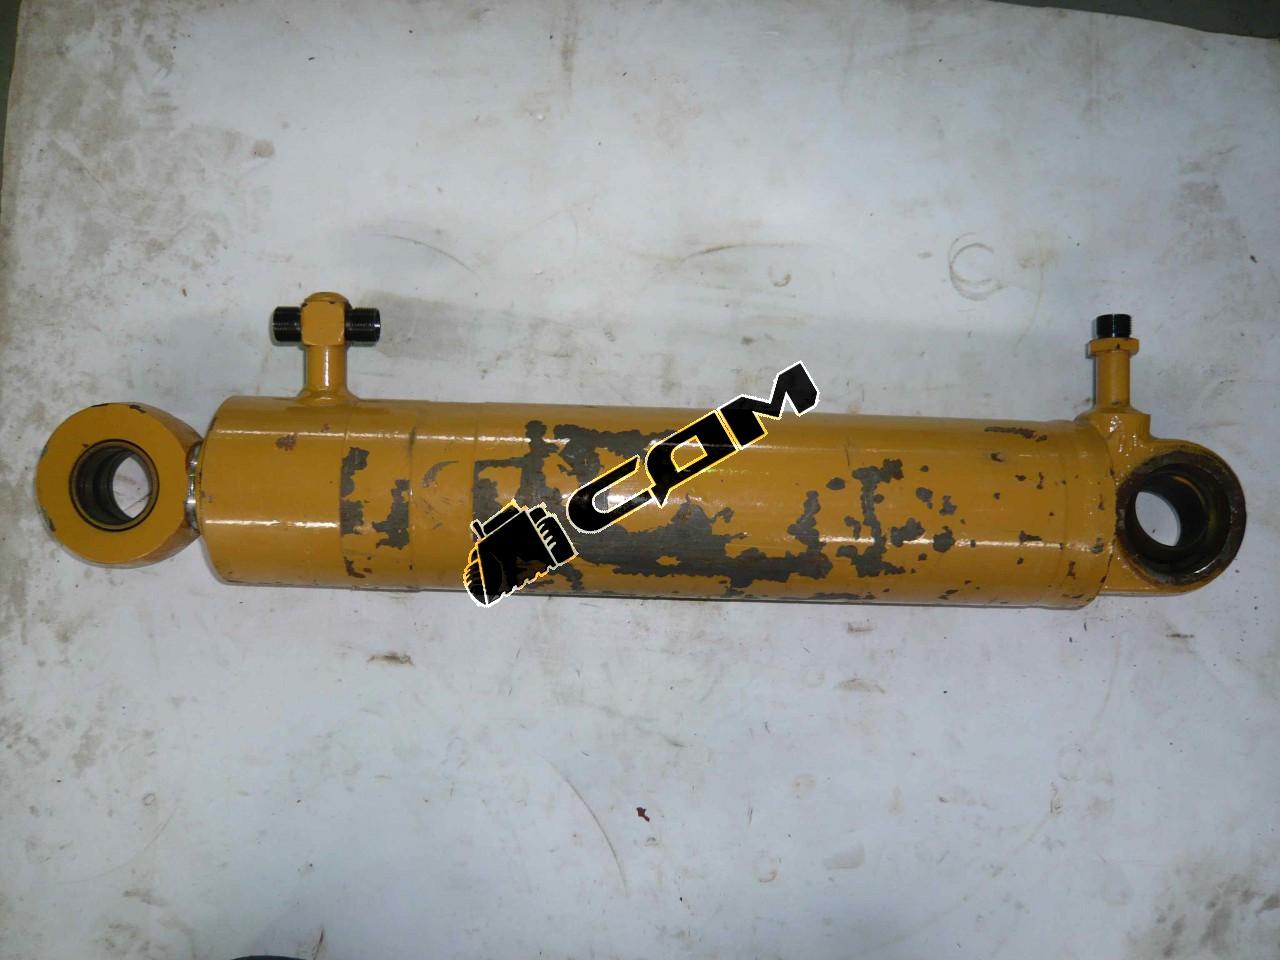 Цилиндр поворота CDM843-63 ZL40-63 0000B-0607-00951-HTS LG853.06.03